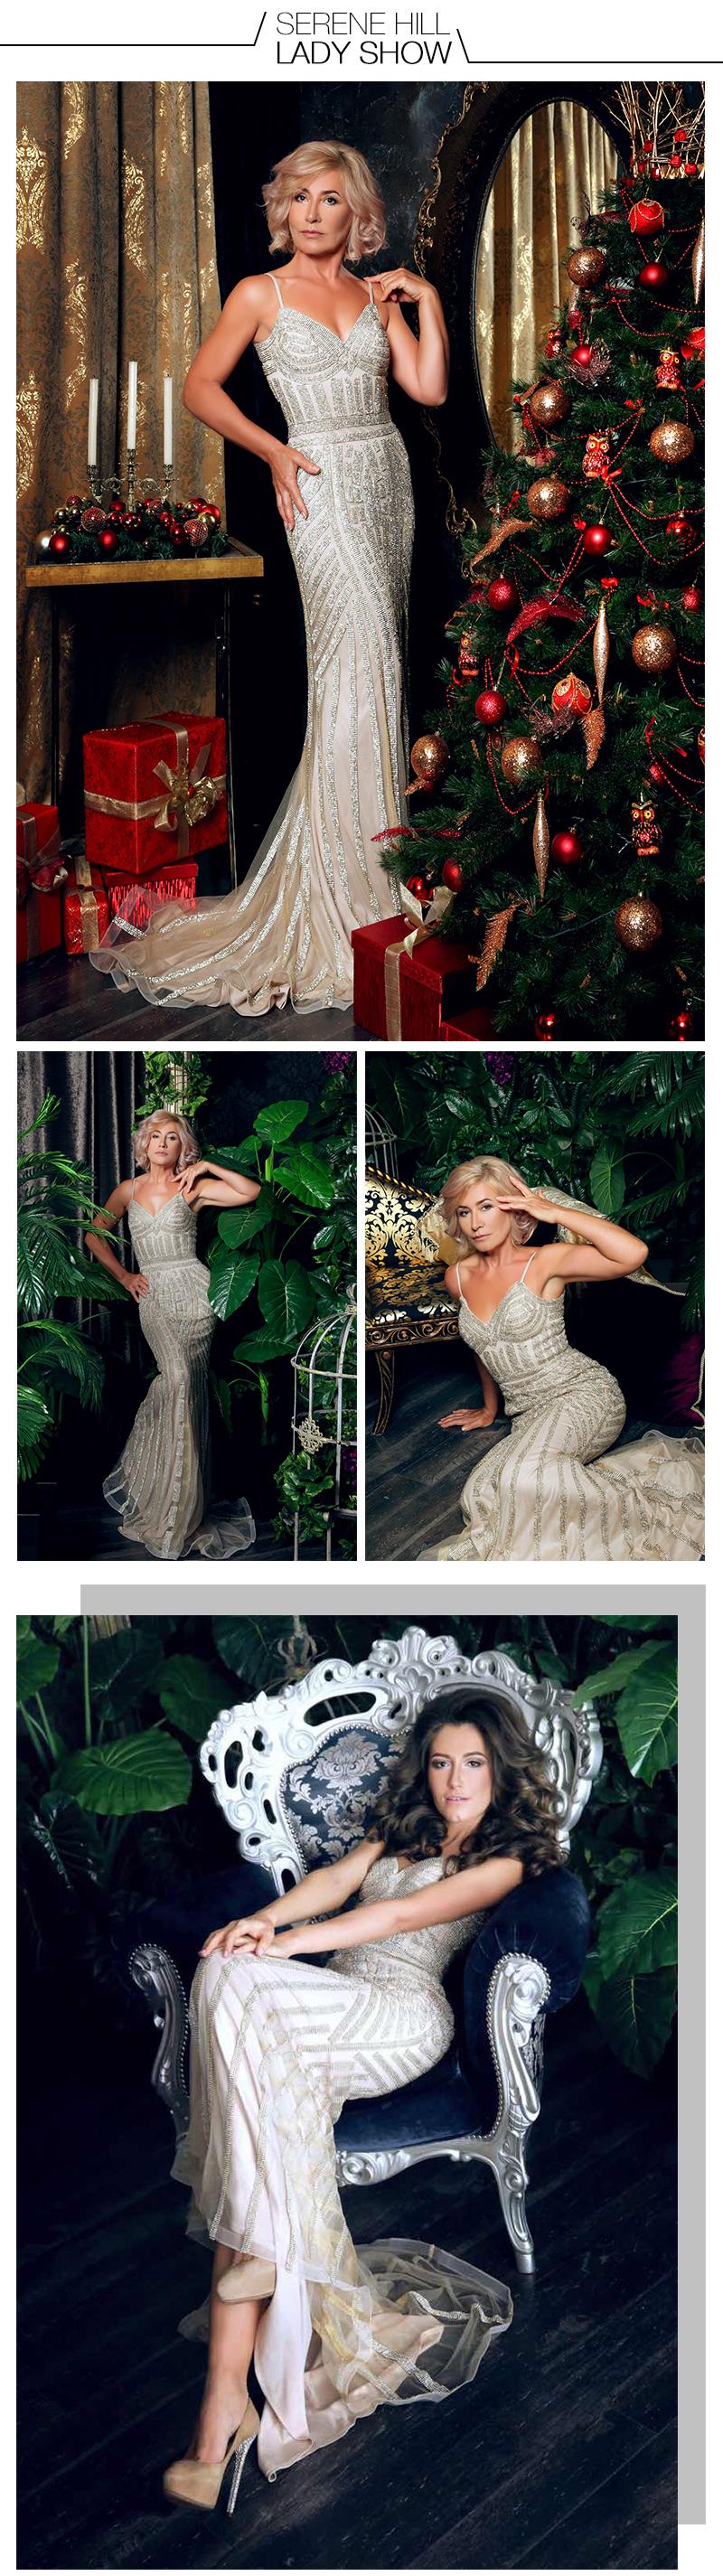 халат де суаре Бриллиантовая вечеринка платье реальные фотографии телесного цвета цвет тюль темно-синие партии случай формальное длинное вечернее платье